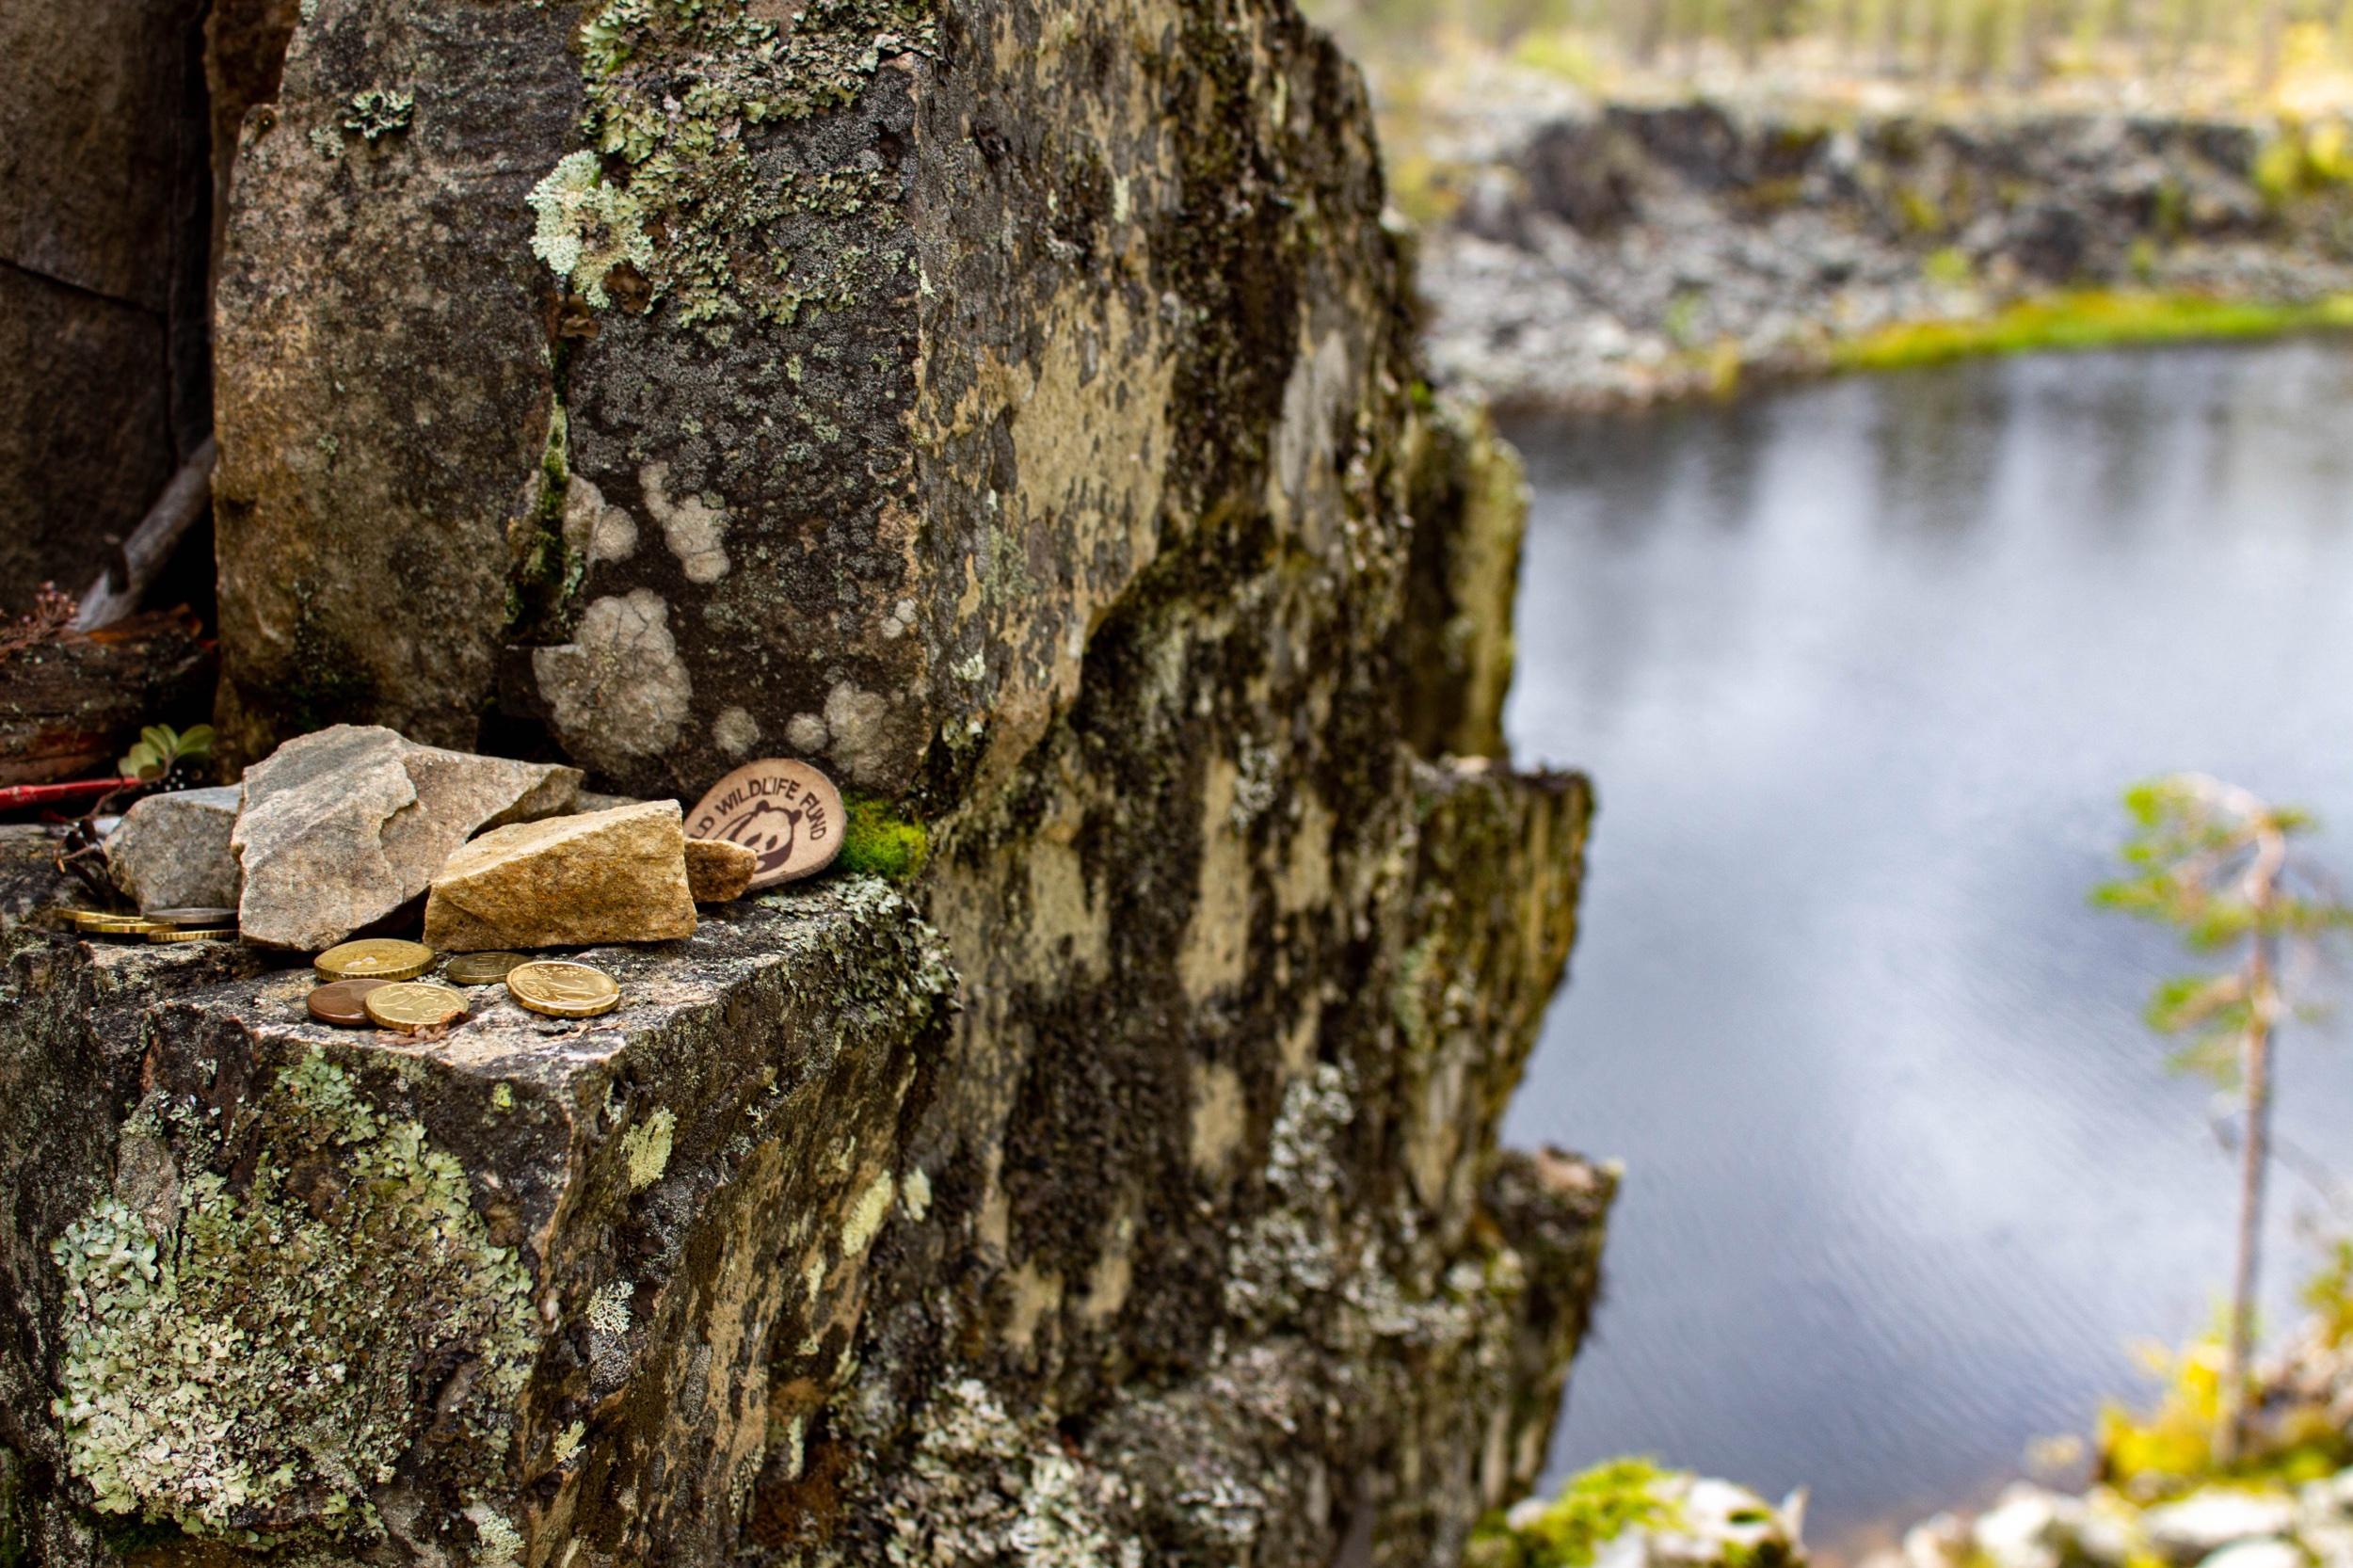 Lahjoja  Taatsin   seidalla,  saamelaisen muinaisuskon pyhällä kivellä. Seidalle vietiin muinoin uhrilahjoja esimerkiksi paremman kalasaaliin toivossa.